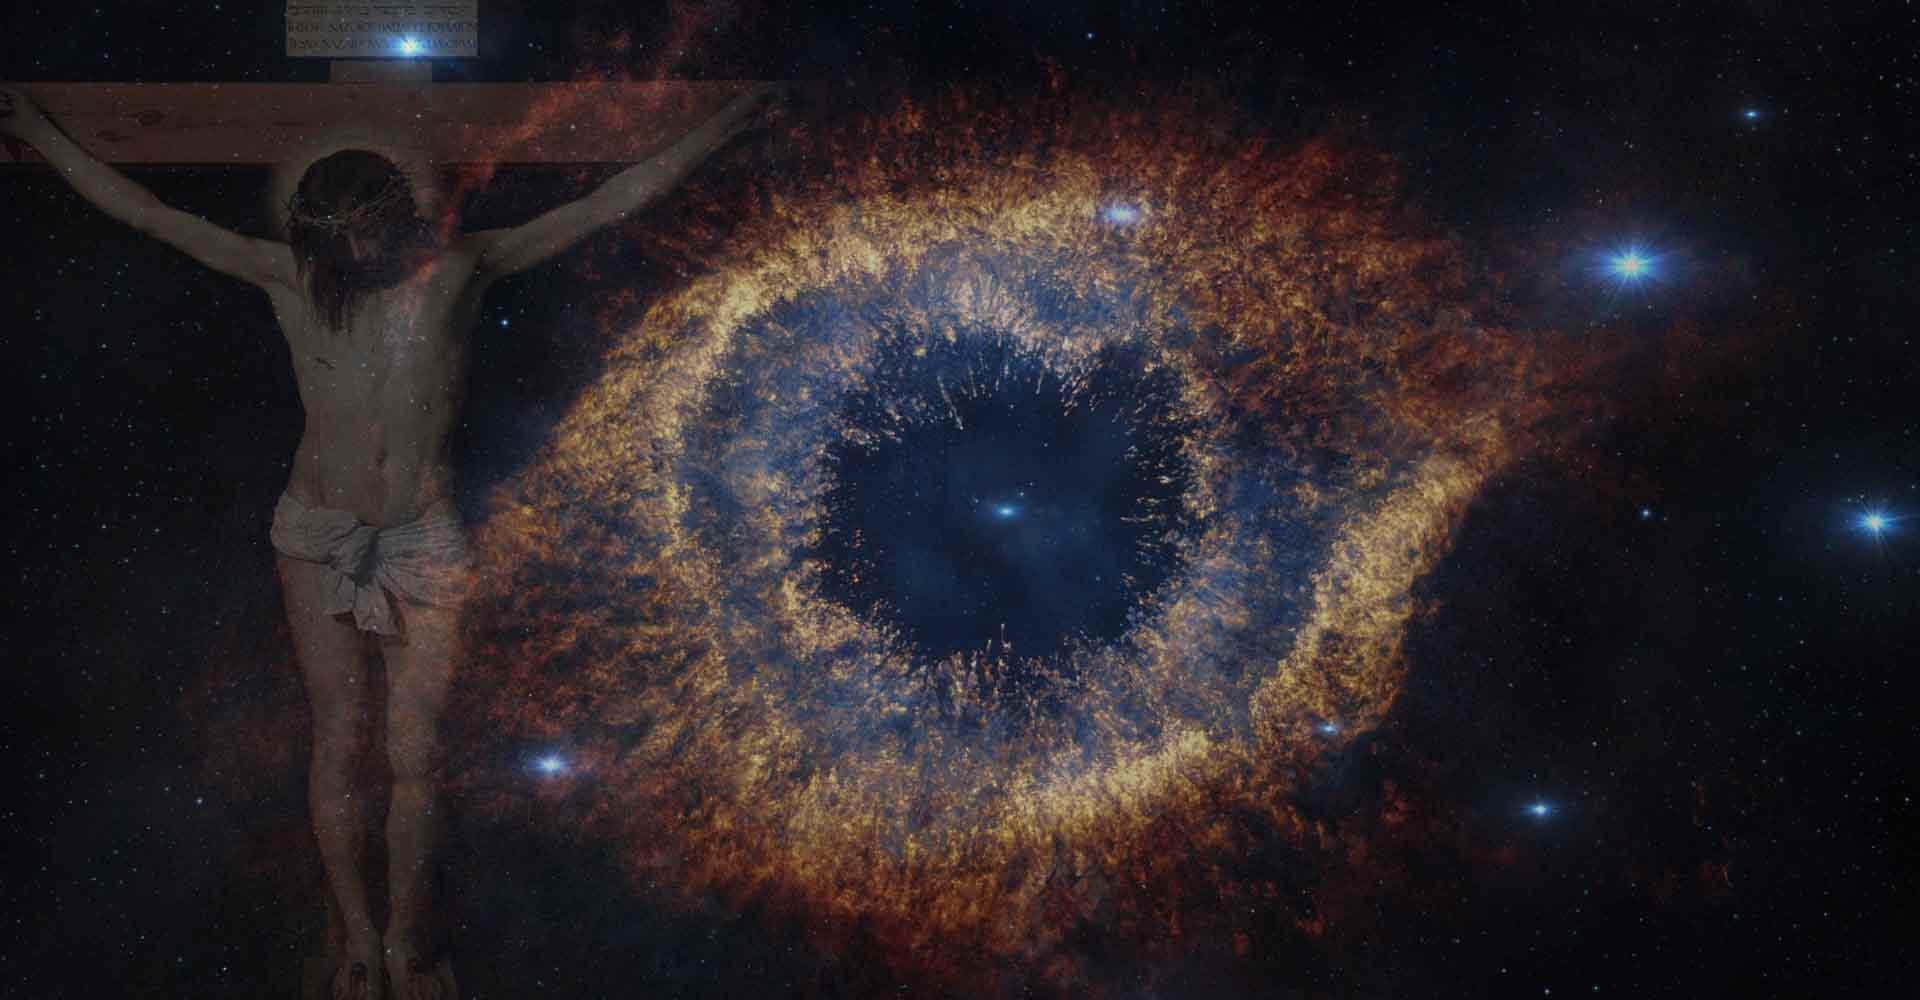 Jesus Christ helix nebula